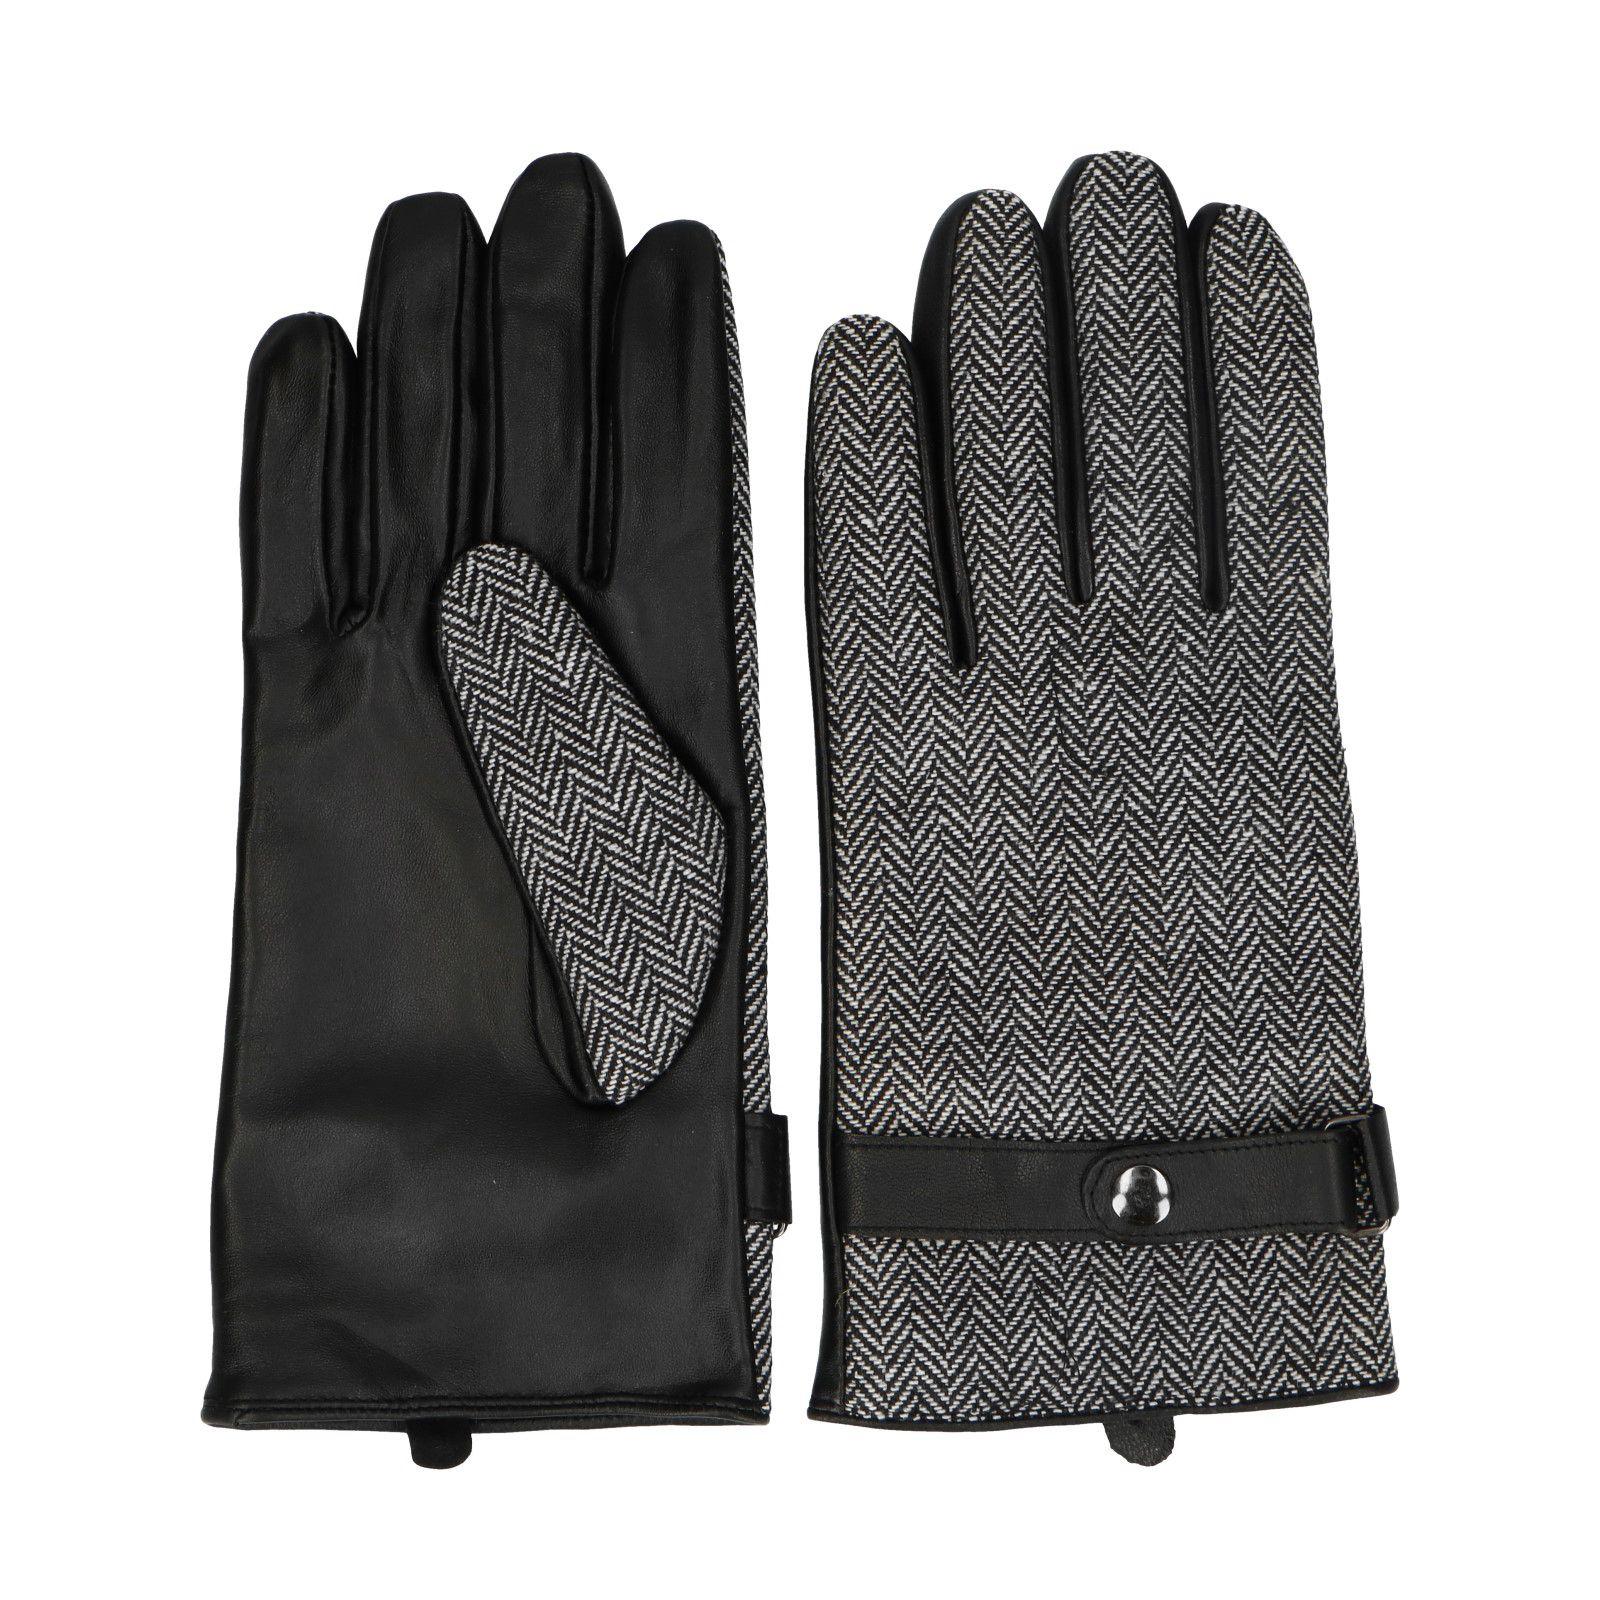 graue leder handschuhe mit fishbone muster. Black Bedroom Furniture Sets. Home Design Ideas